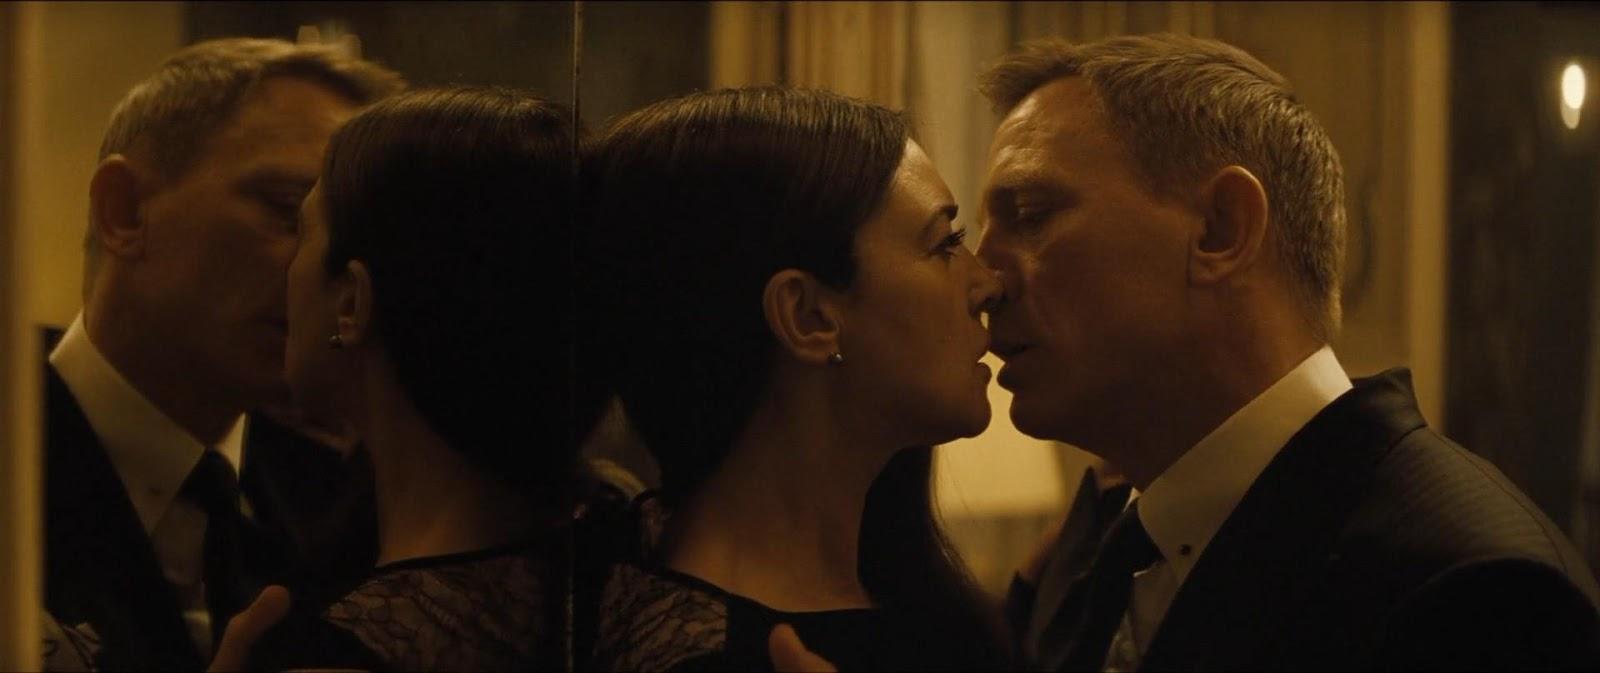 007: Spectre (2015) 2